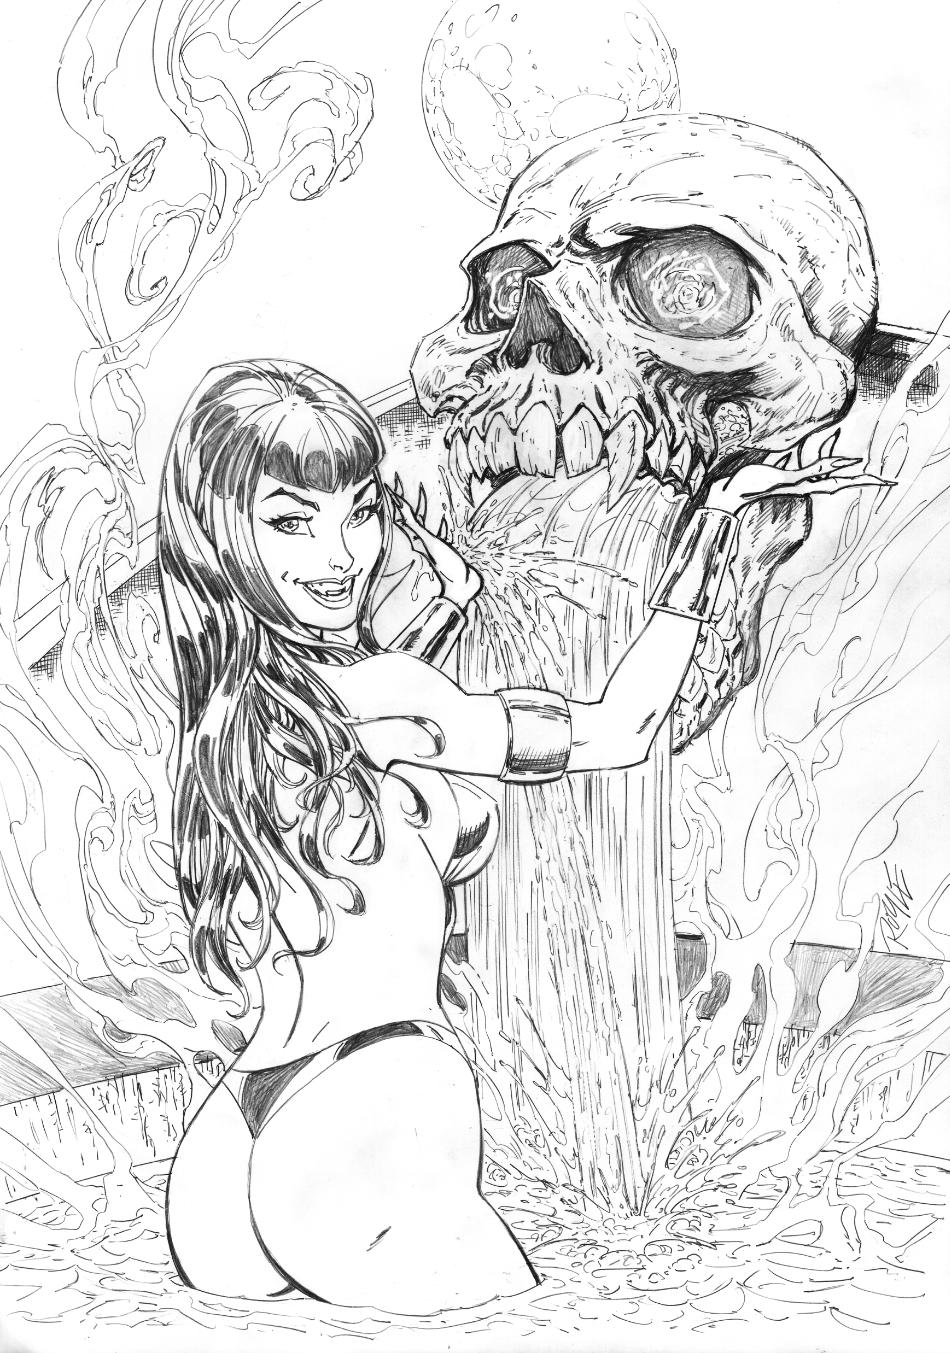 Vampirella # 9 Variant Cover